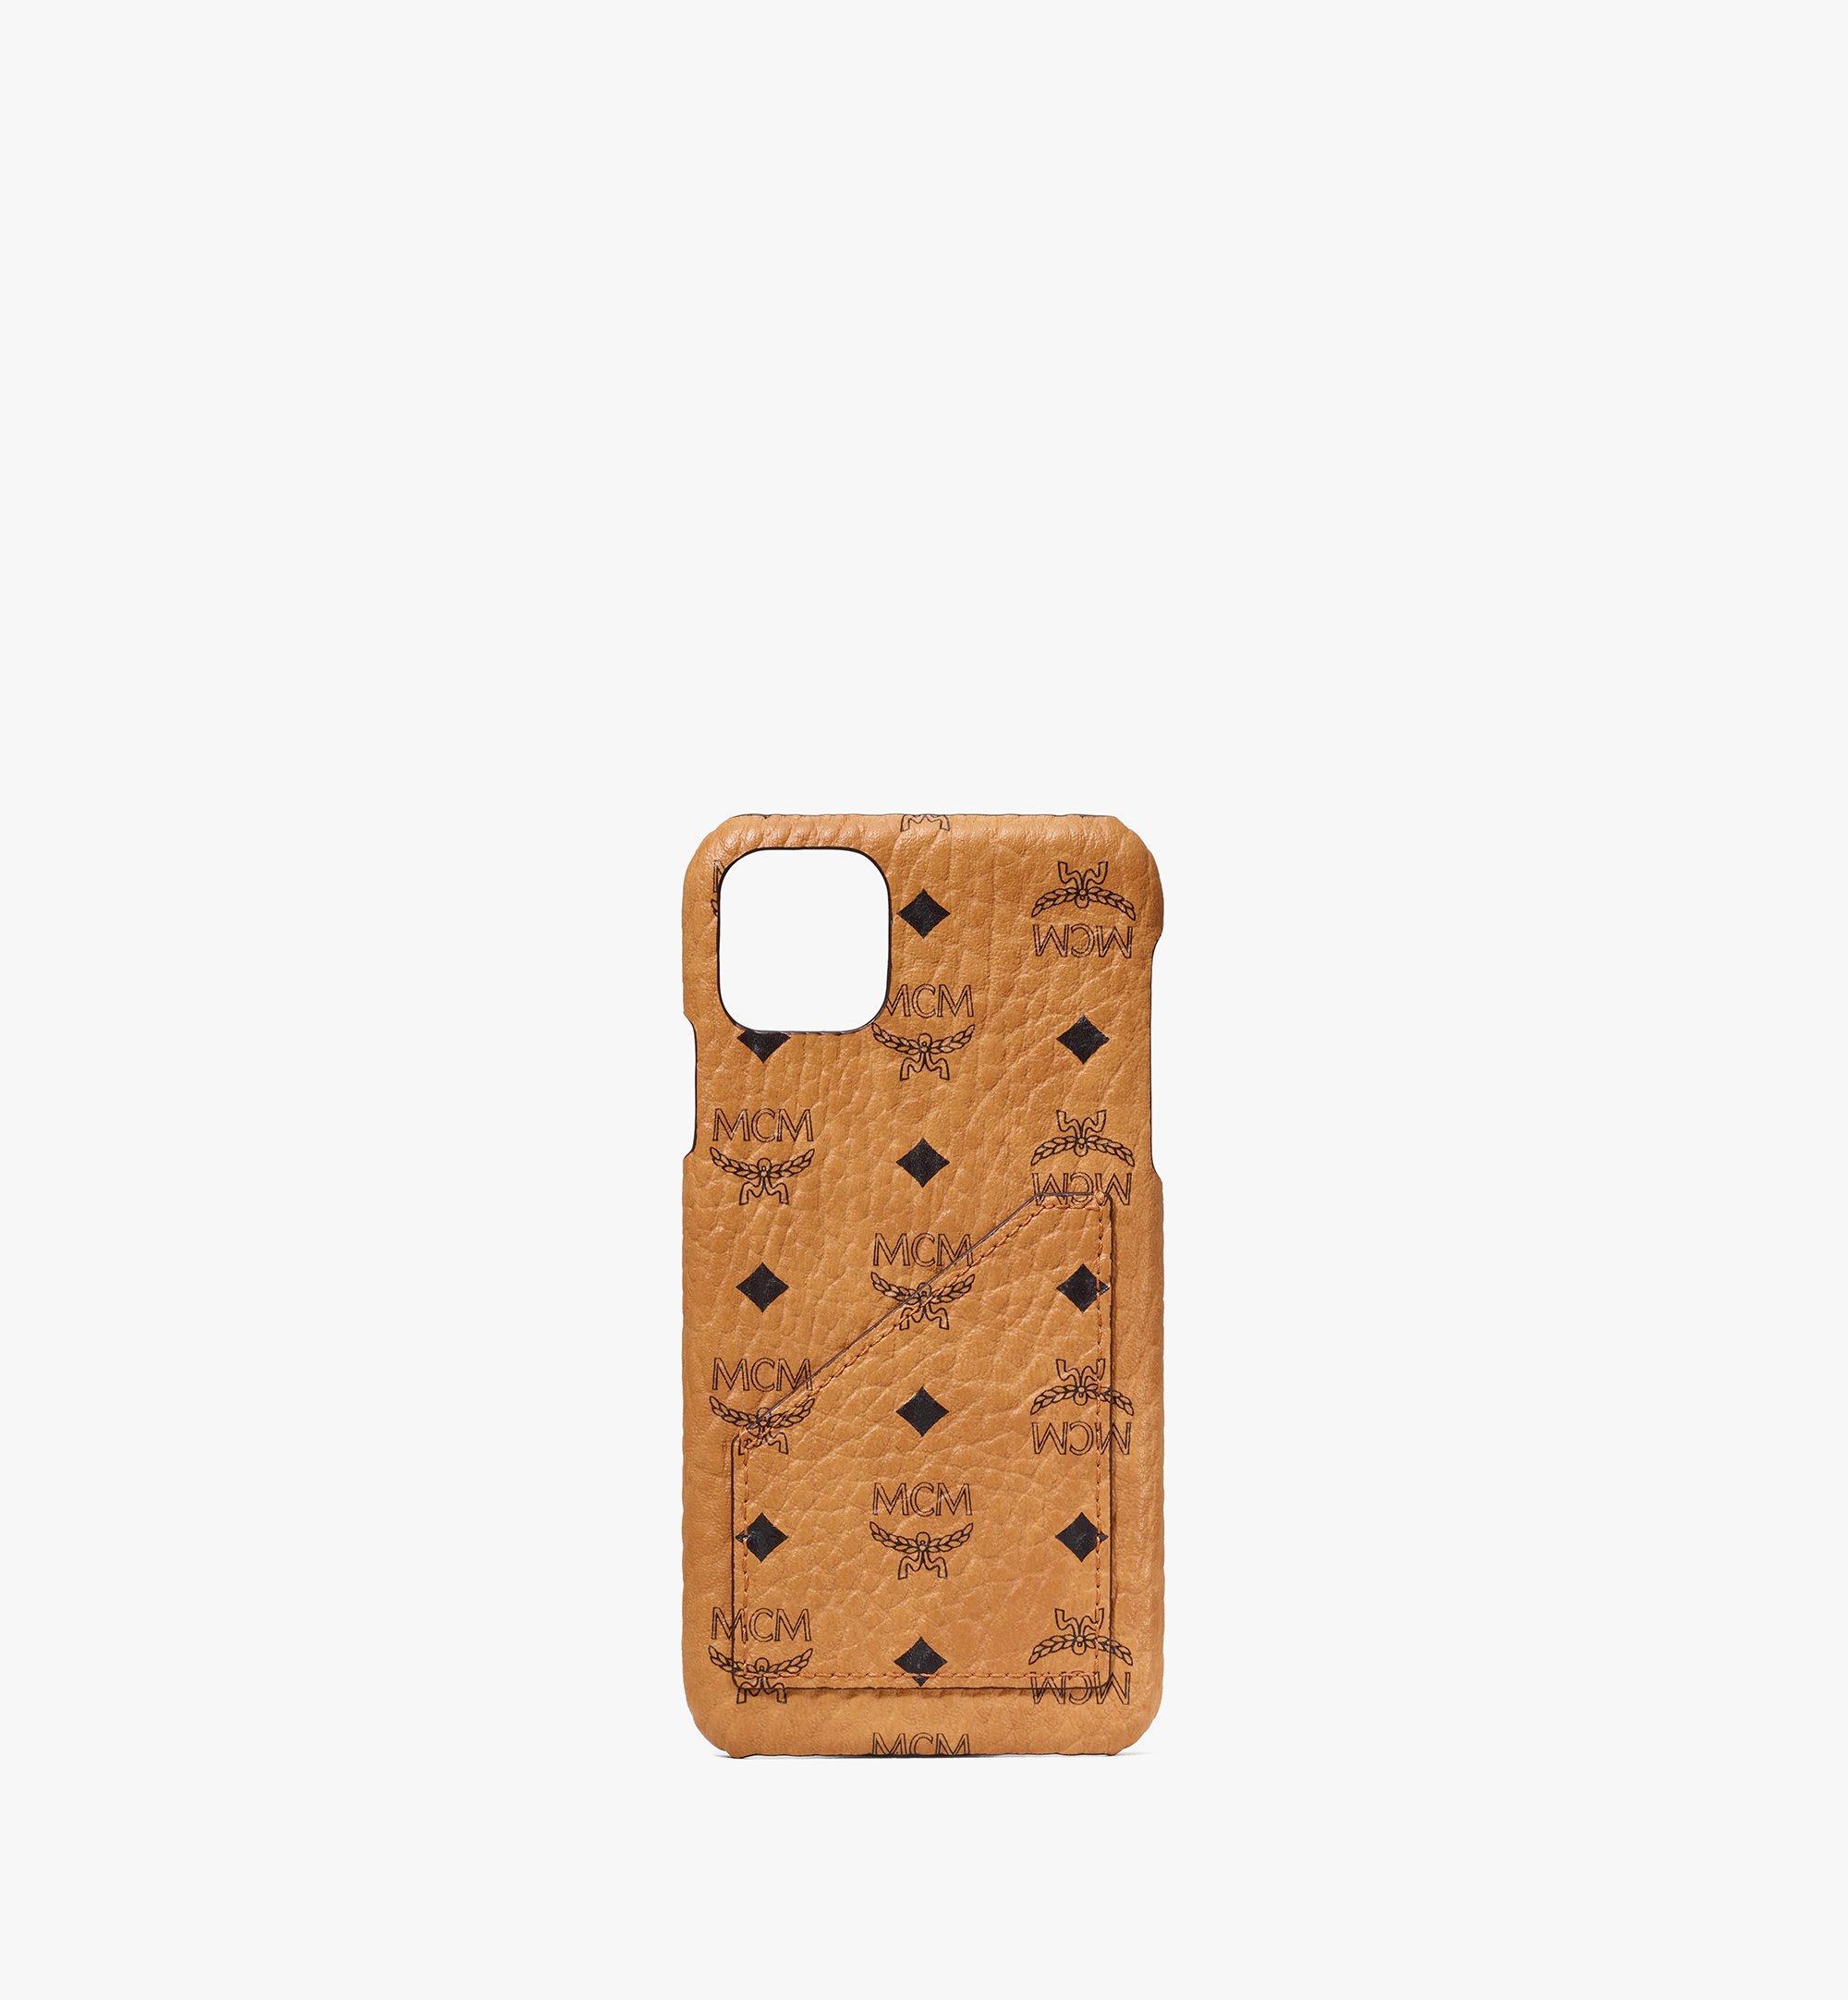 MCM iPhone 11 Pro Max Case in Visetos Cognac MXEASVI08CO001 Alternate View 1